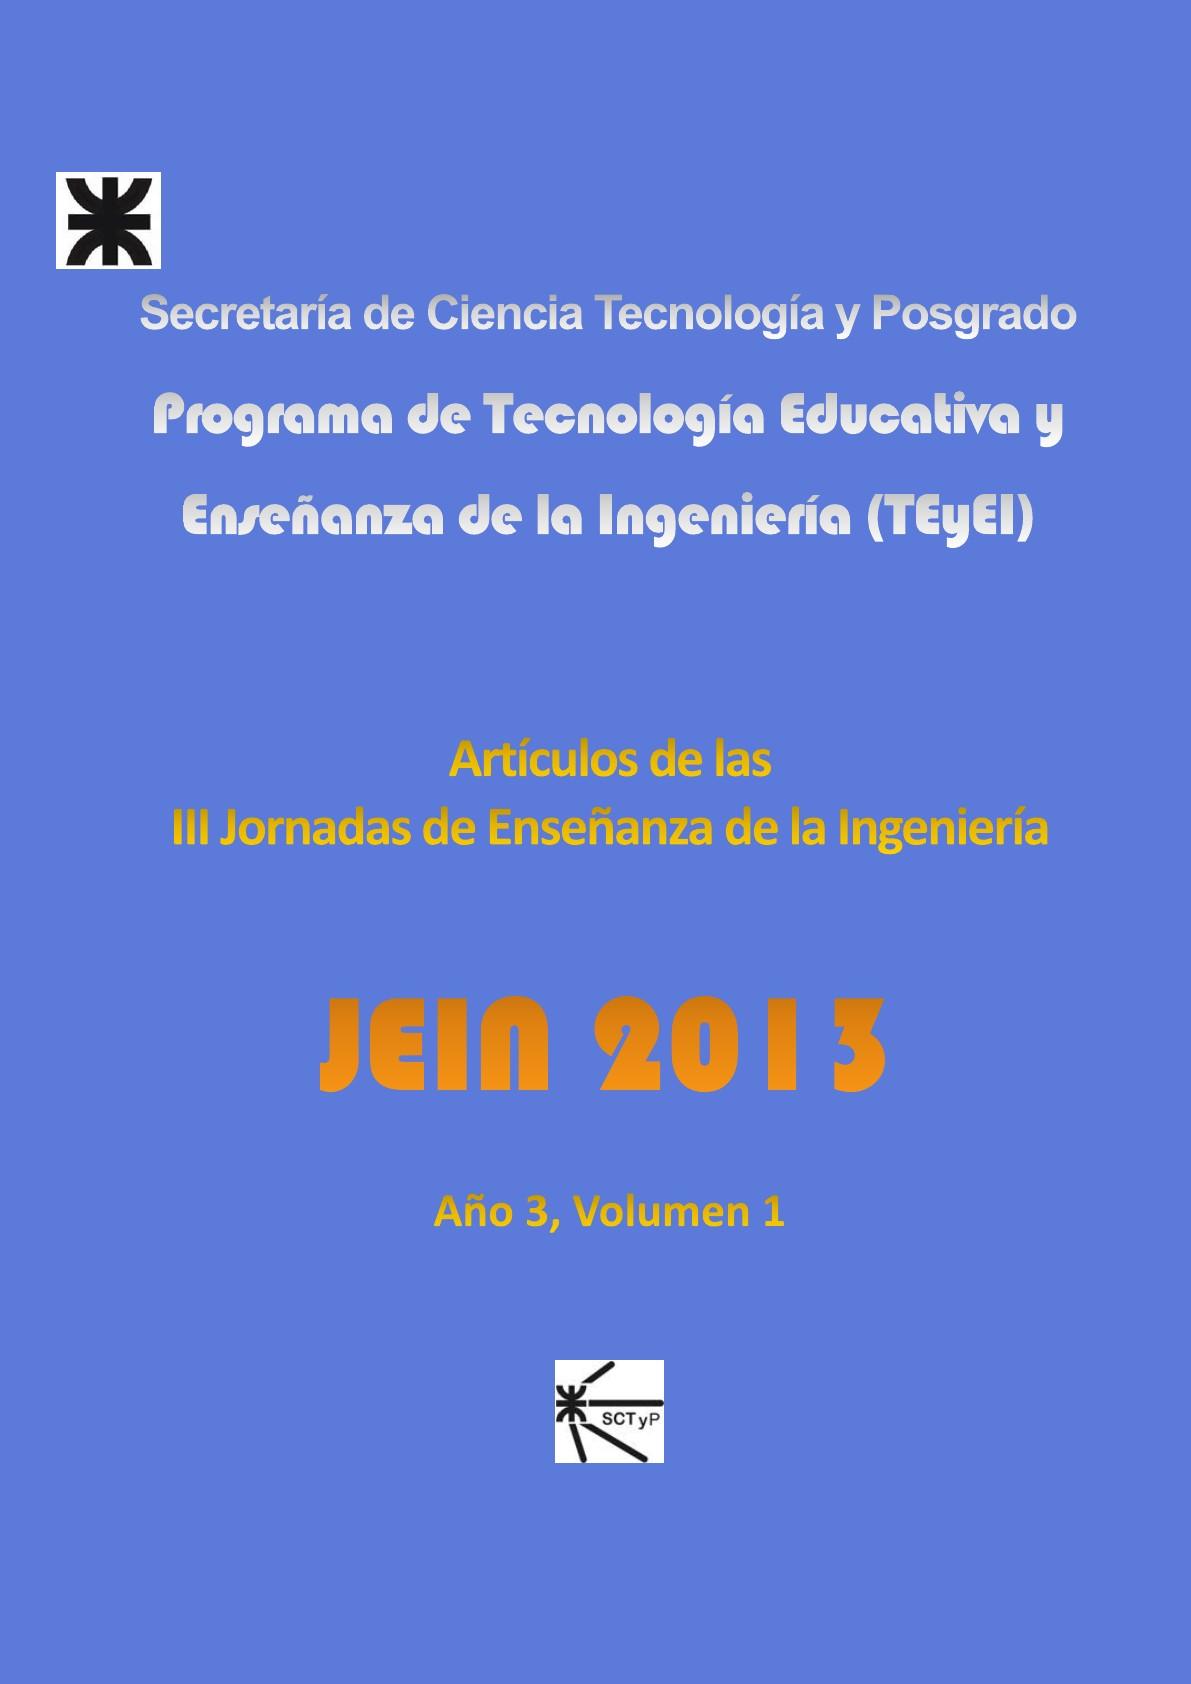 Calendario Laboral 2020 En Catalunya Más Actual La Enseanza Y El Aprendizaje Del Anlisis Matemtico En Los Of Calendario Laboral 2020 En Catalunya Más Reciente News